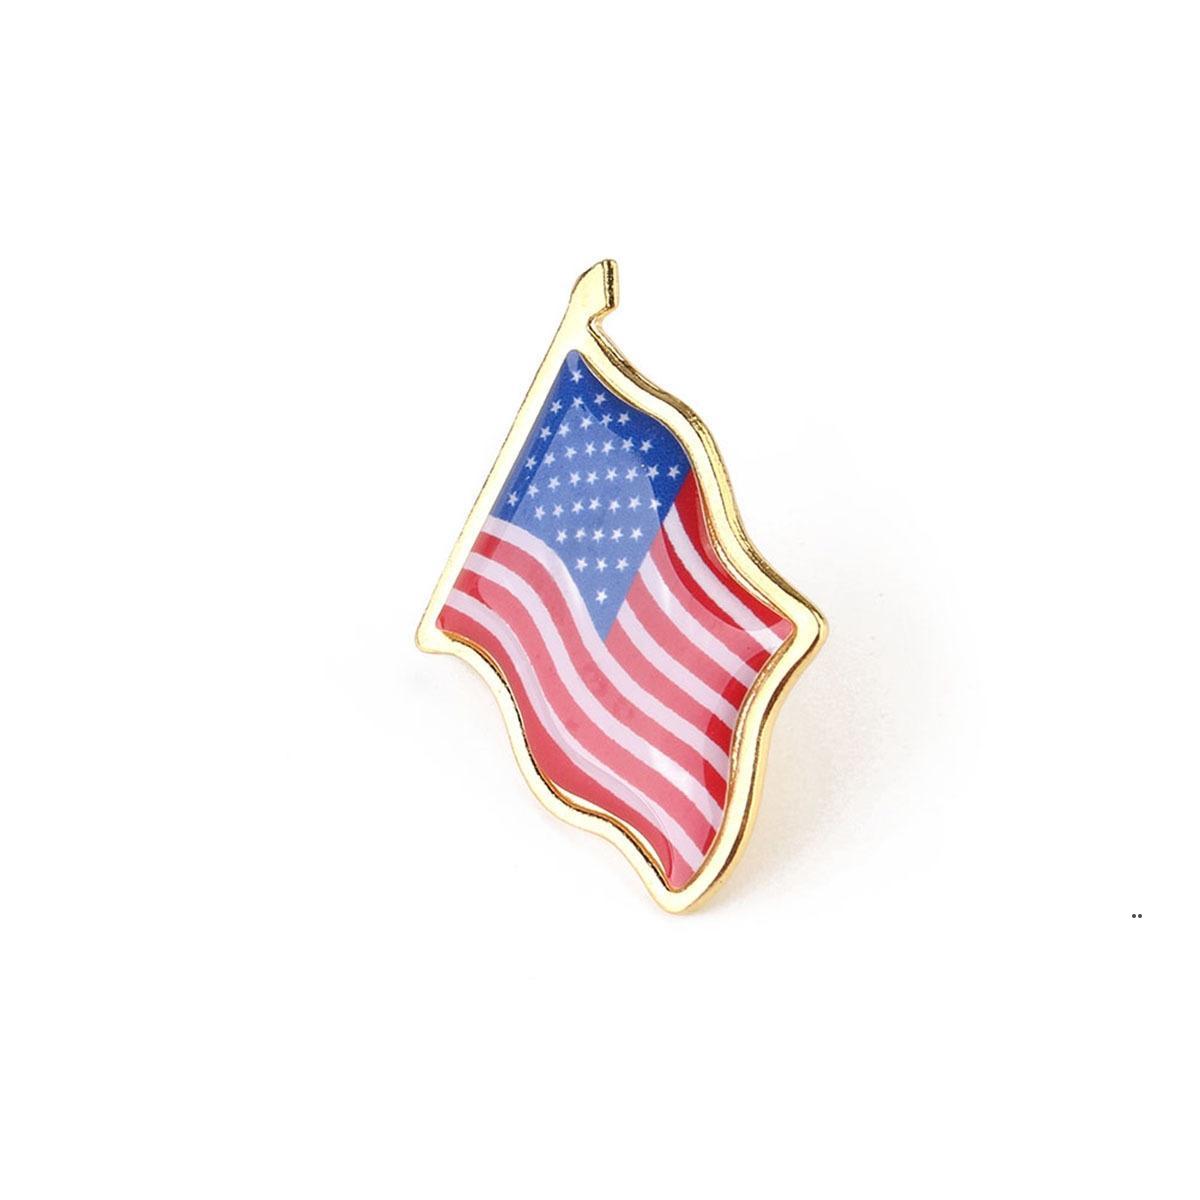 럭셔리 디자인 선물 미국 국기 옷깃 핀 미국 미국 10pcs / lot 모자 넥타이 압정 배지 핀 의류 가방에 대 한 미니 브로치 DEC FWD9494